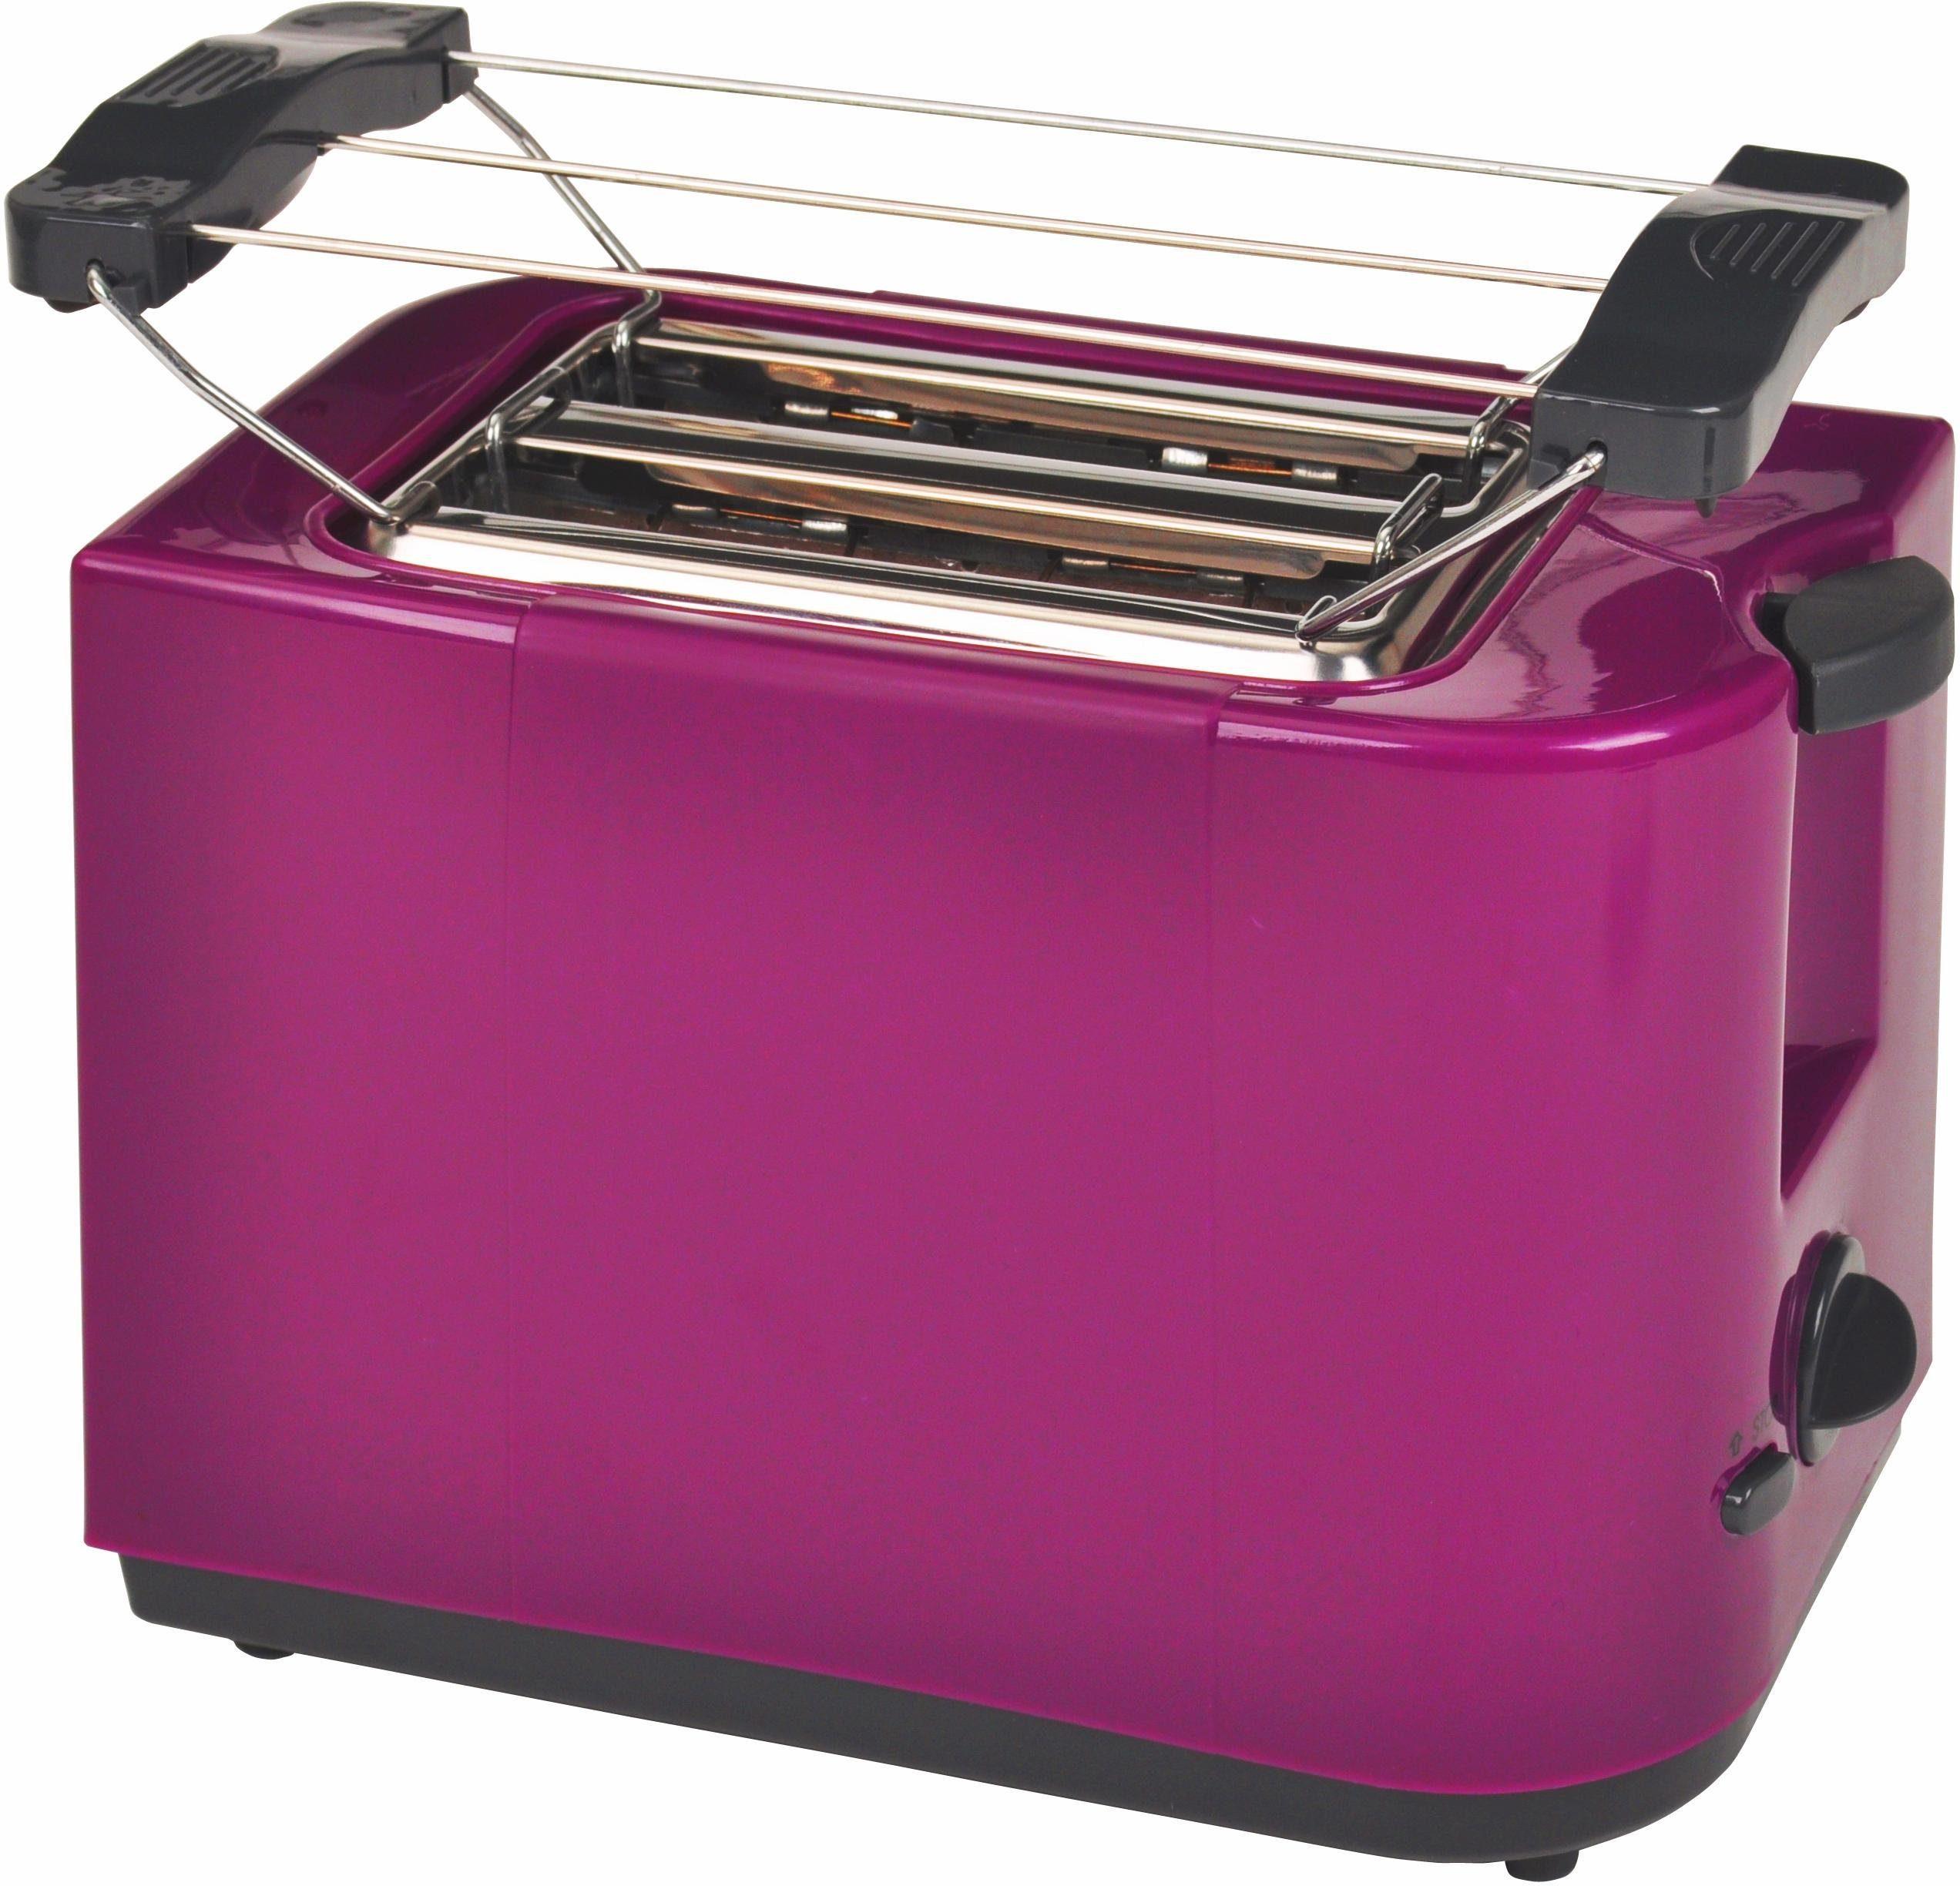 Efbe-Schott Toaster SC TO 5000 PURPUR, für 2 Scheiben, 700 Watt, lila